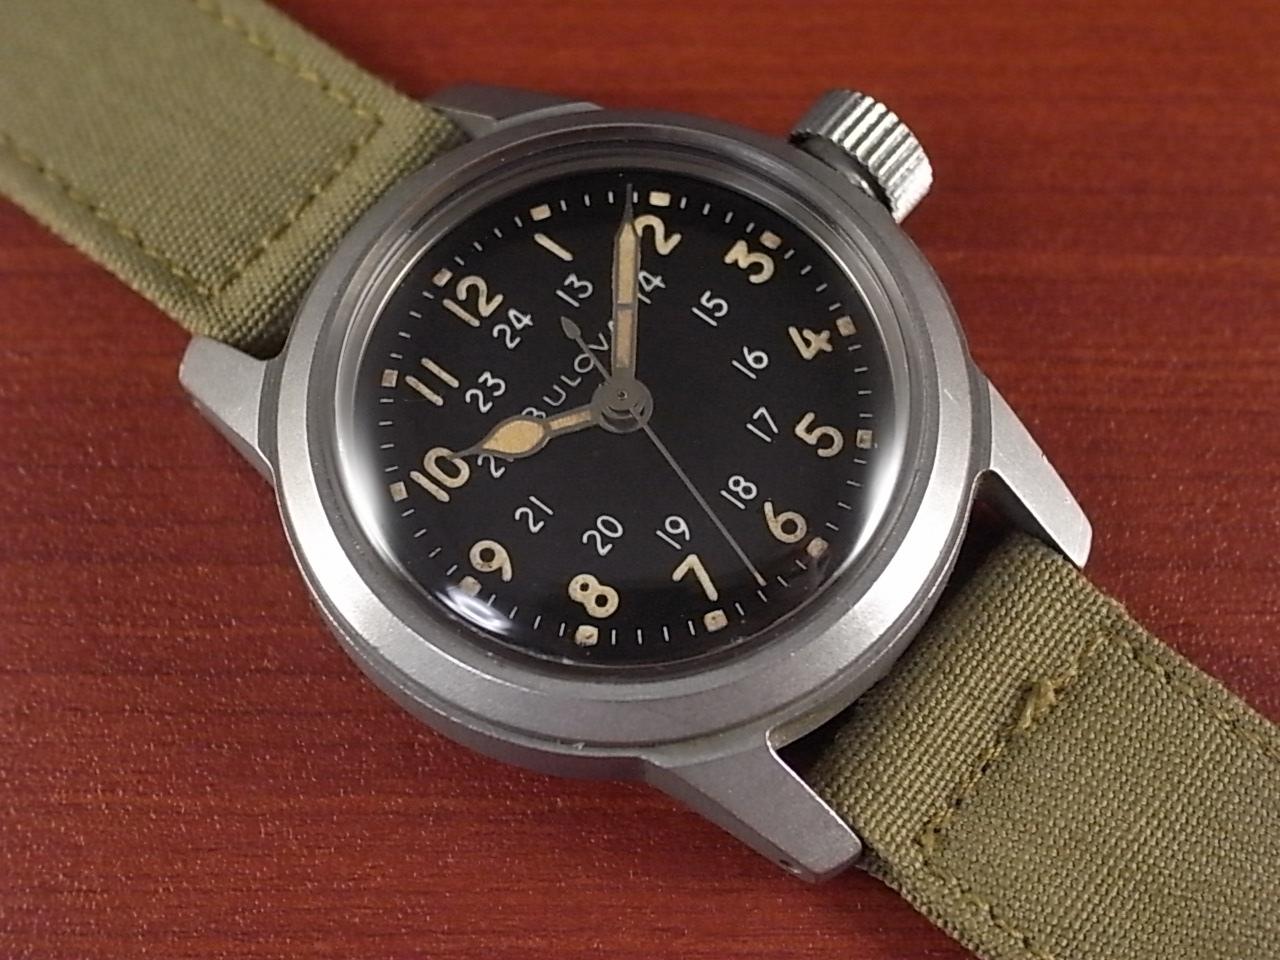 ブローバ 軍用時計 米軍 MIL-W-3818A ニアミント 1950年代のメイン写真